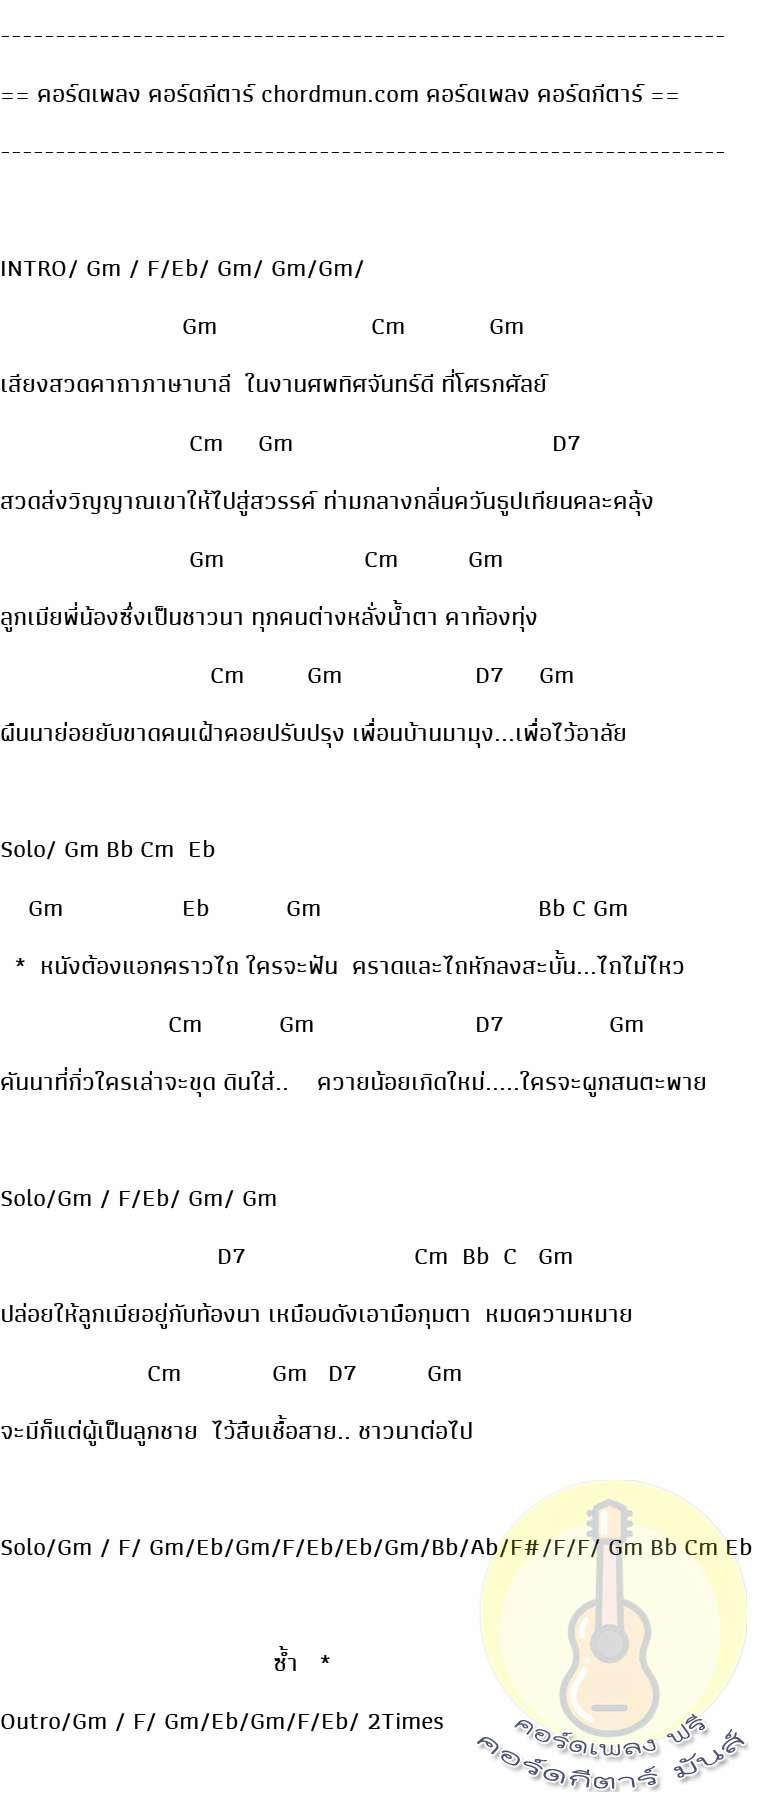 คอร์ดกีต้าร์ง่ายๆ  เพลง ชาวนาอาลัย